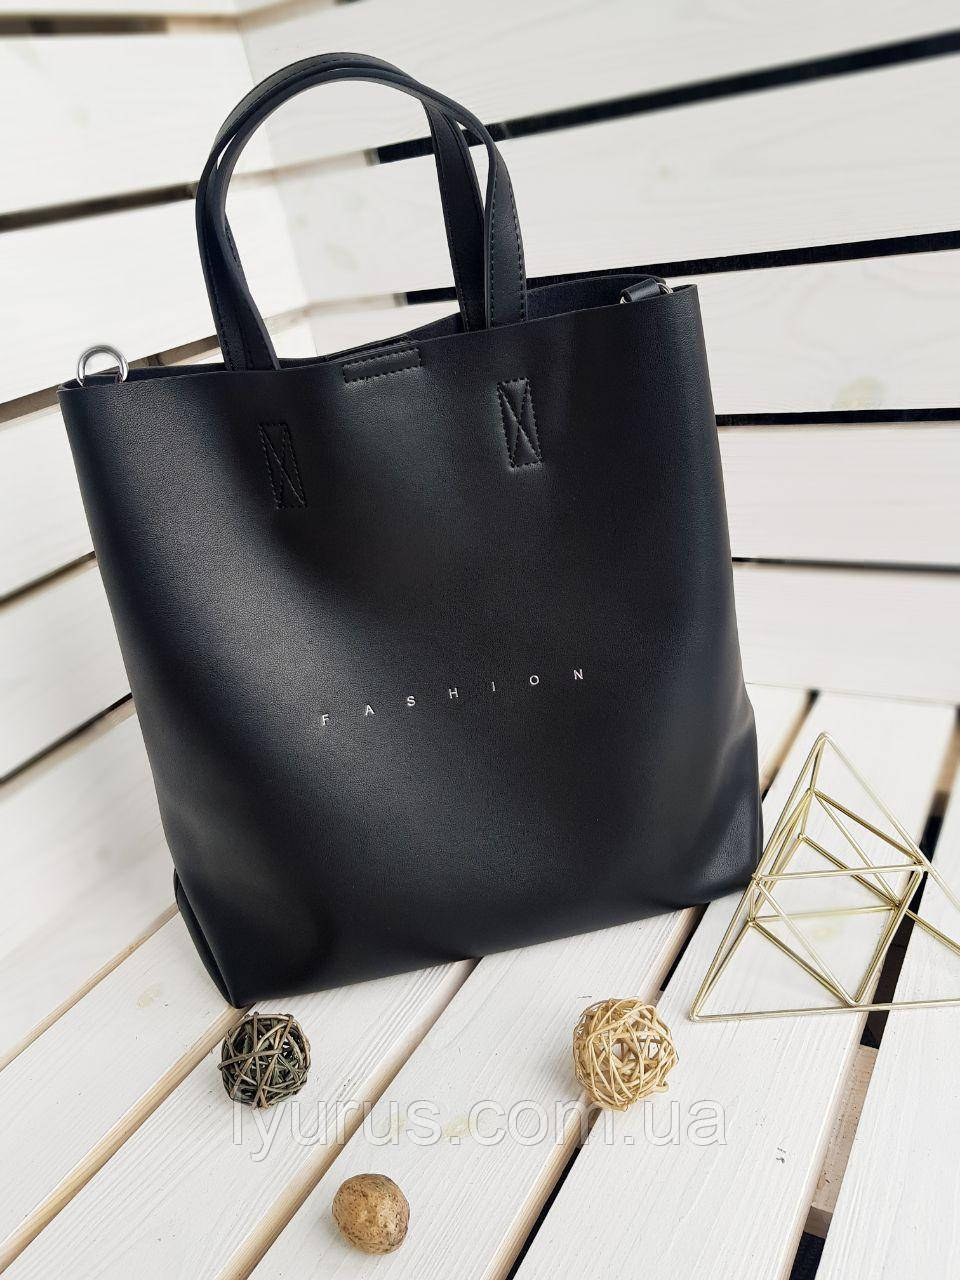 Жіноча шкіряна сумка розміром 33х29х12 см Чорна (01144)